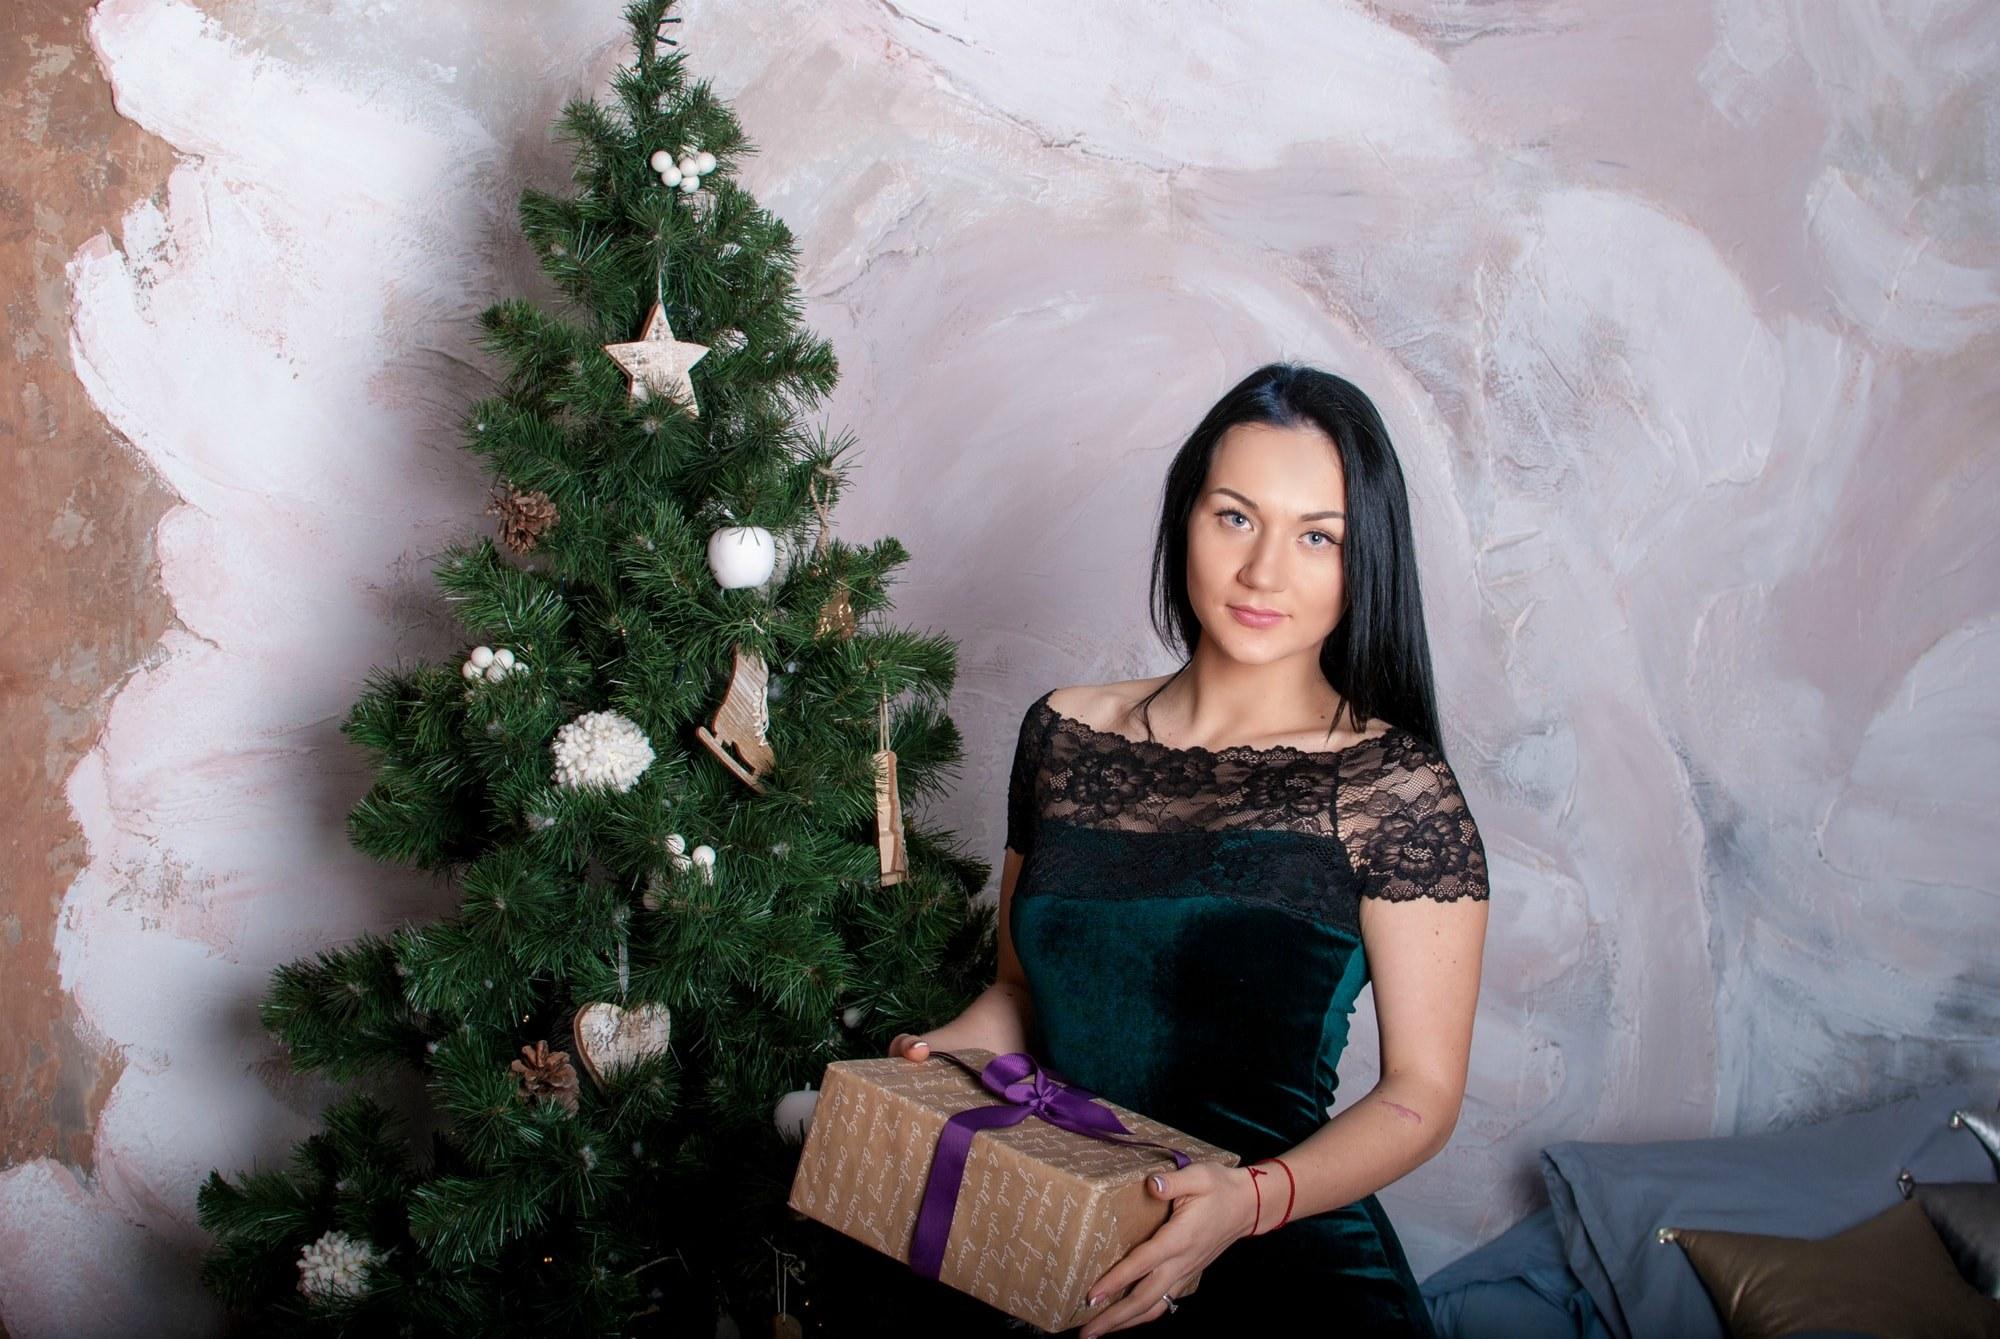 Девушка с подарком возле елки - Фотограф Киев - Женя Лайт